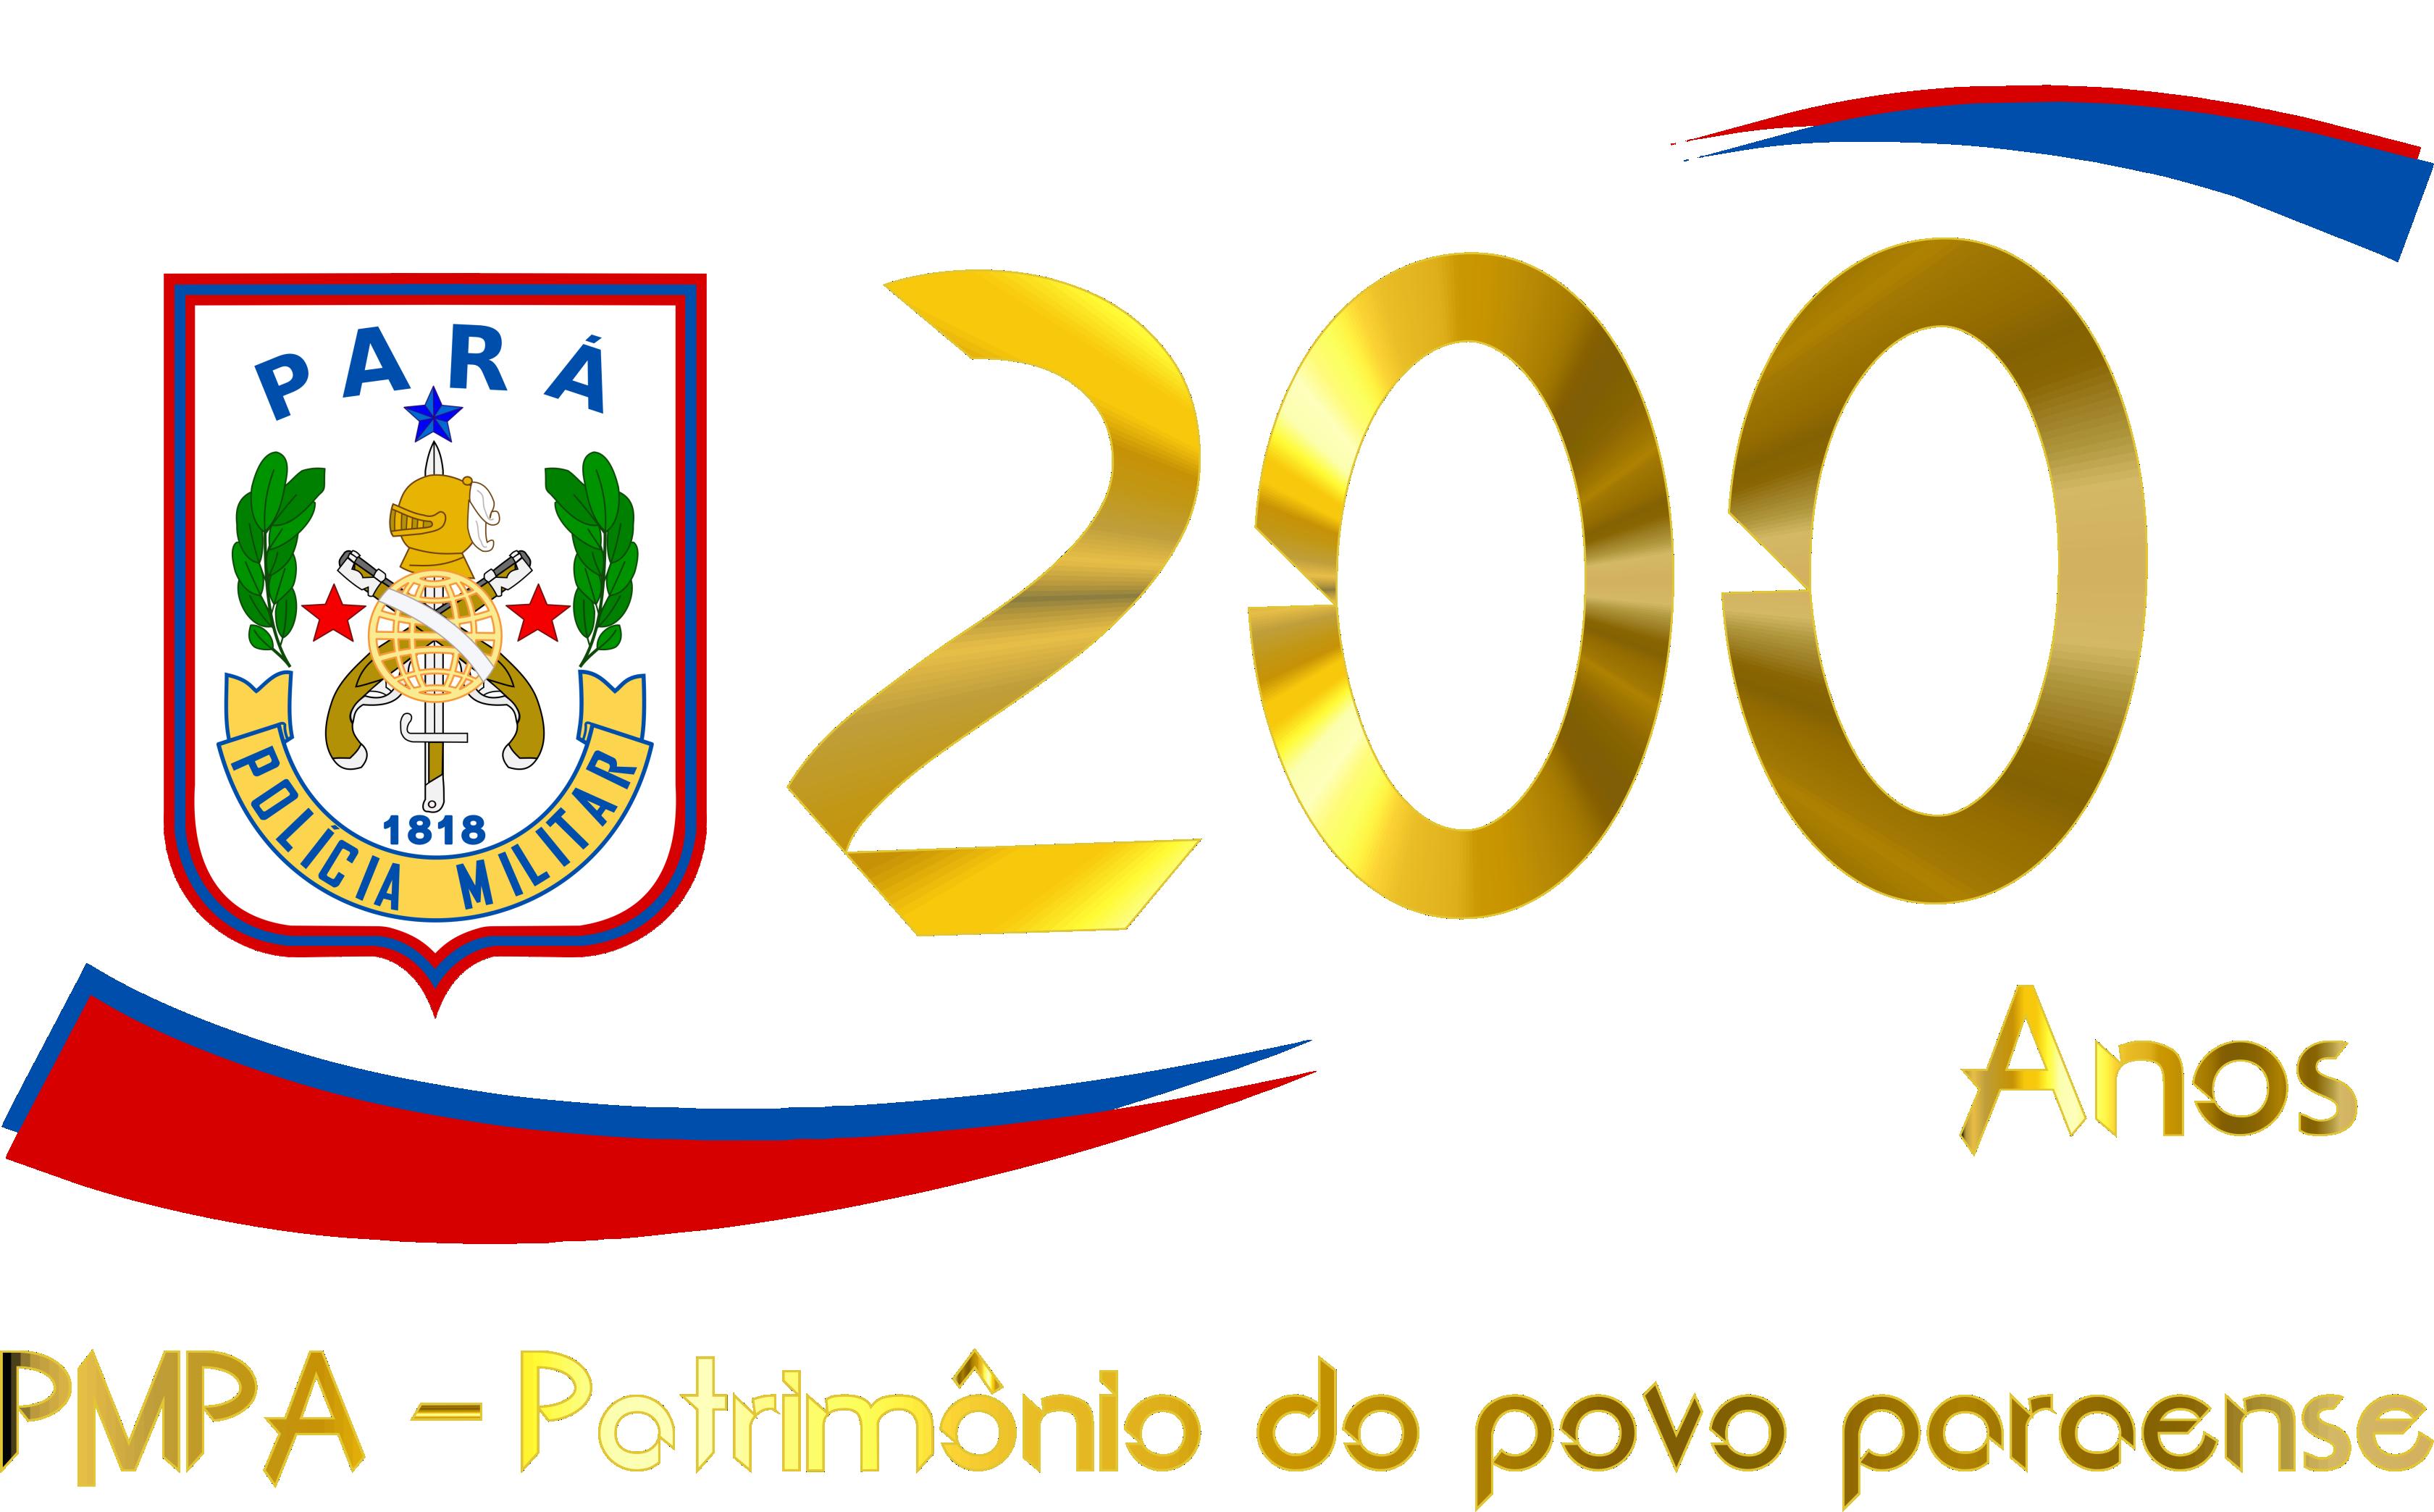 Foto de Policia Militar do Pará completa 200 anos em 2018 e Ações Sociais será realizada em todo Estado